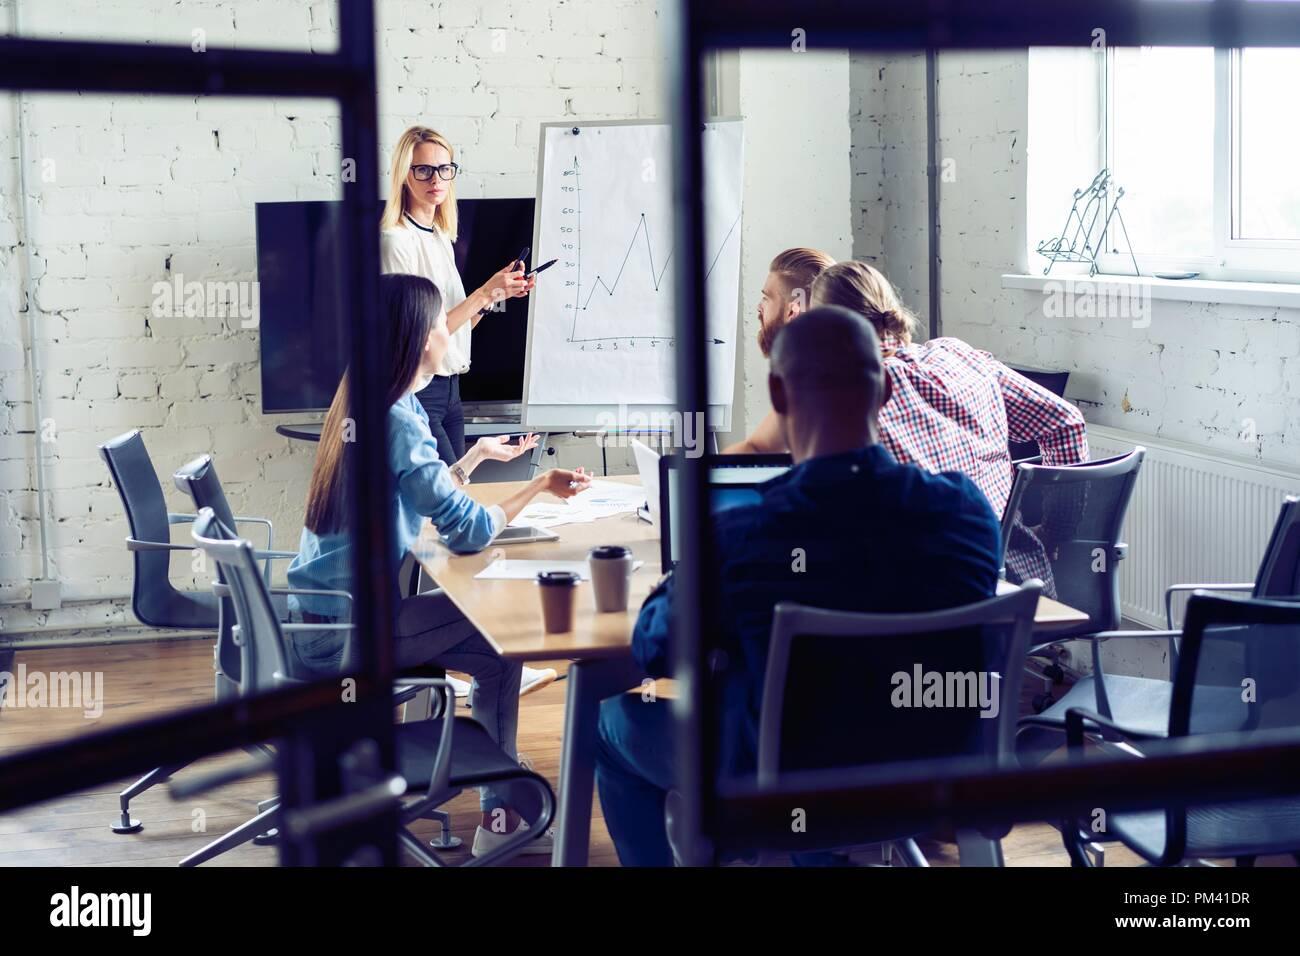 Trabajando duro para ganar. La empresaria realizando una presentación de negocio utilizando la cartelera mientras trabajaba en la oficina creativa. Imagen De Stock